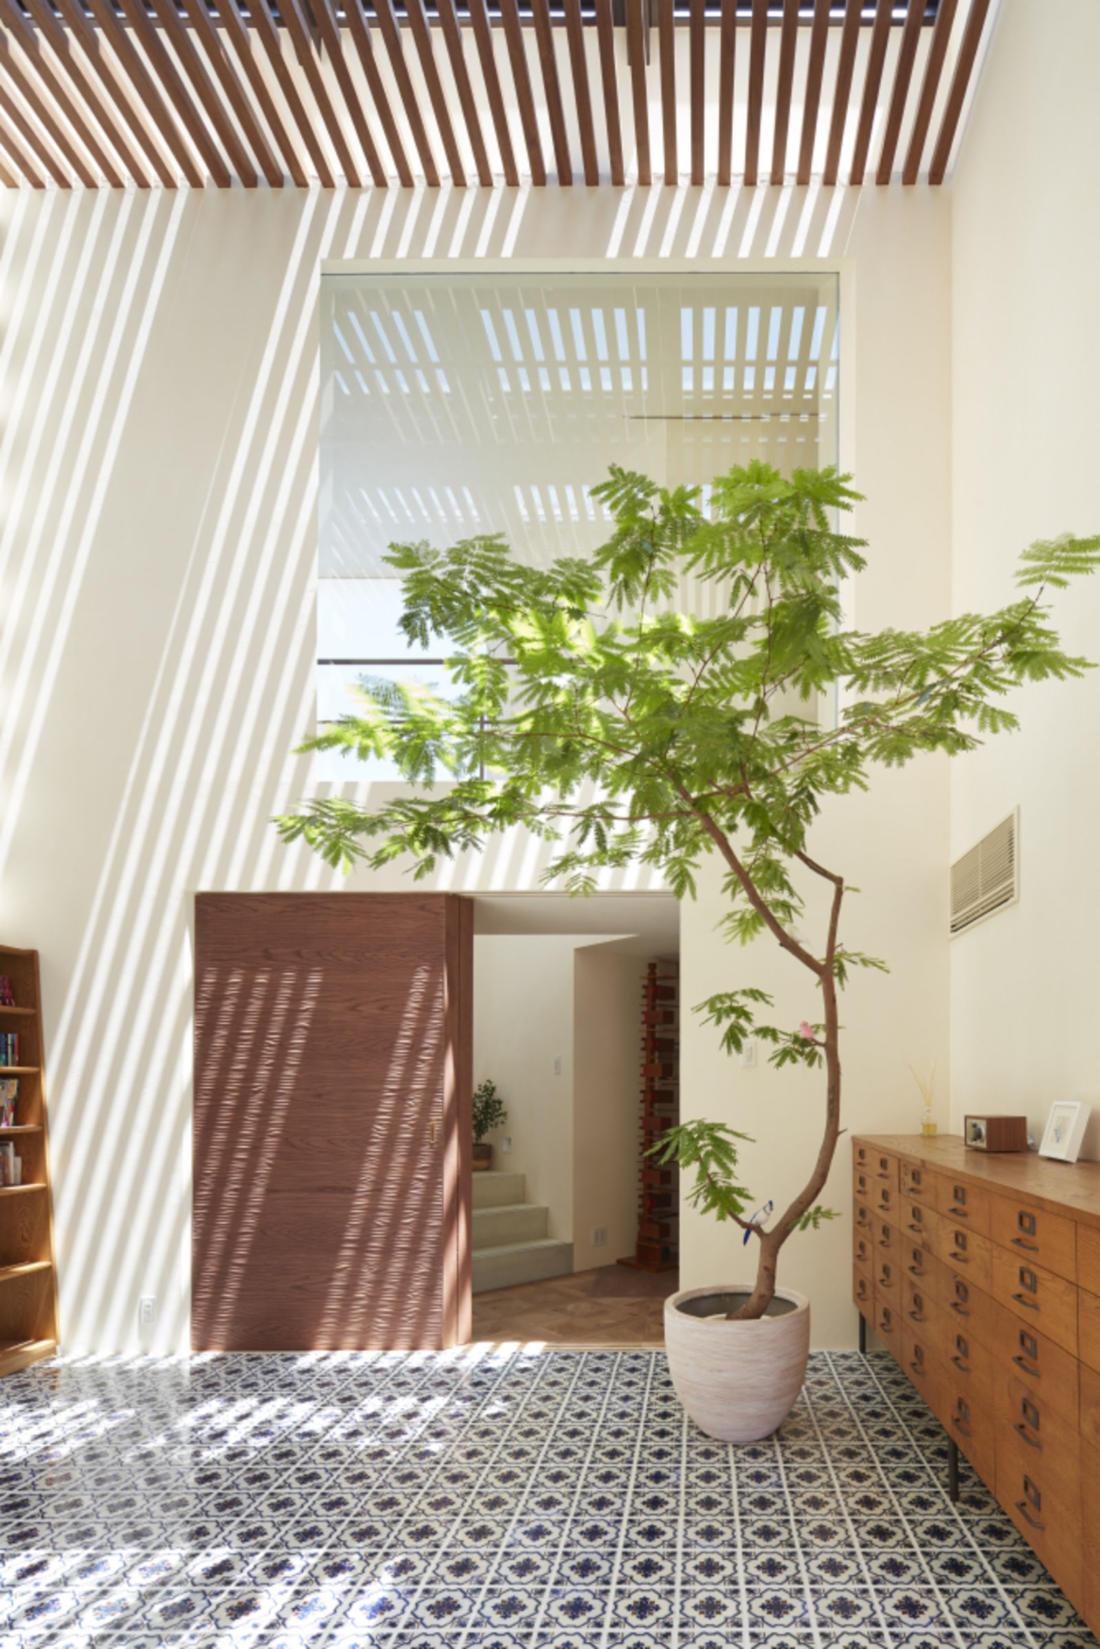 Дом в Хигасиосаке от ателье Fujiwaramuro Architects 14